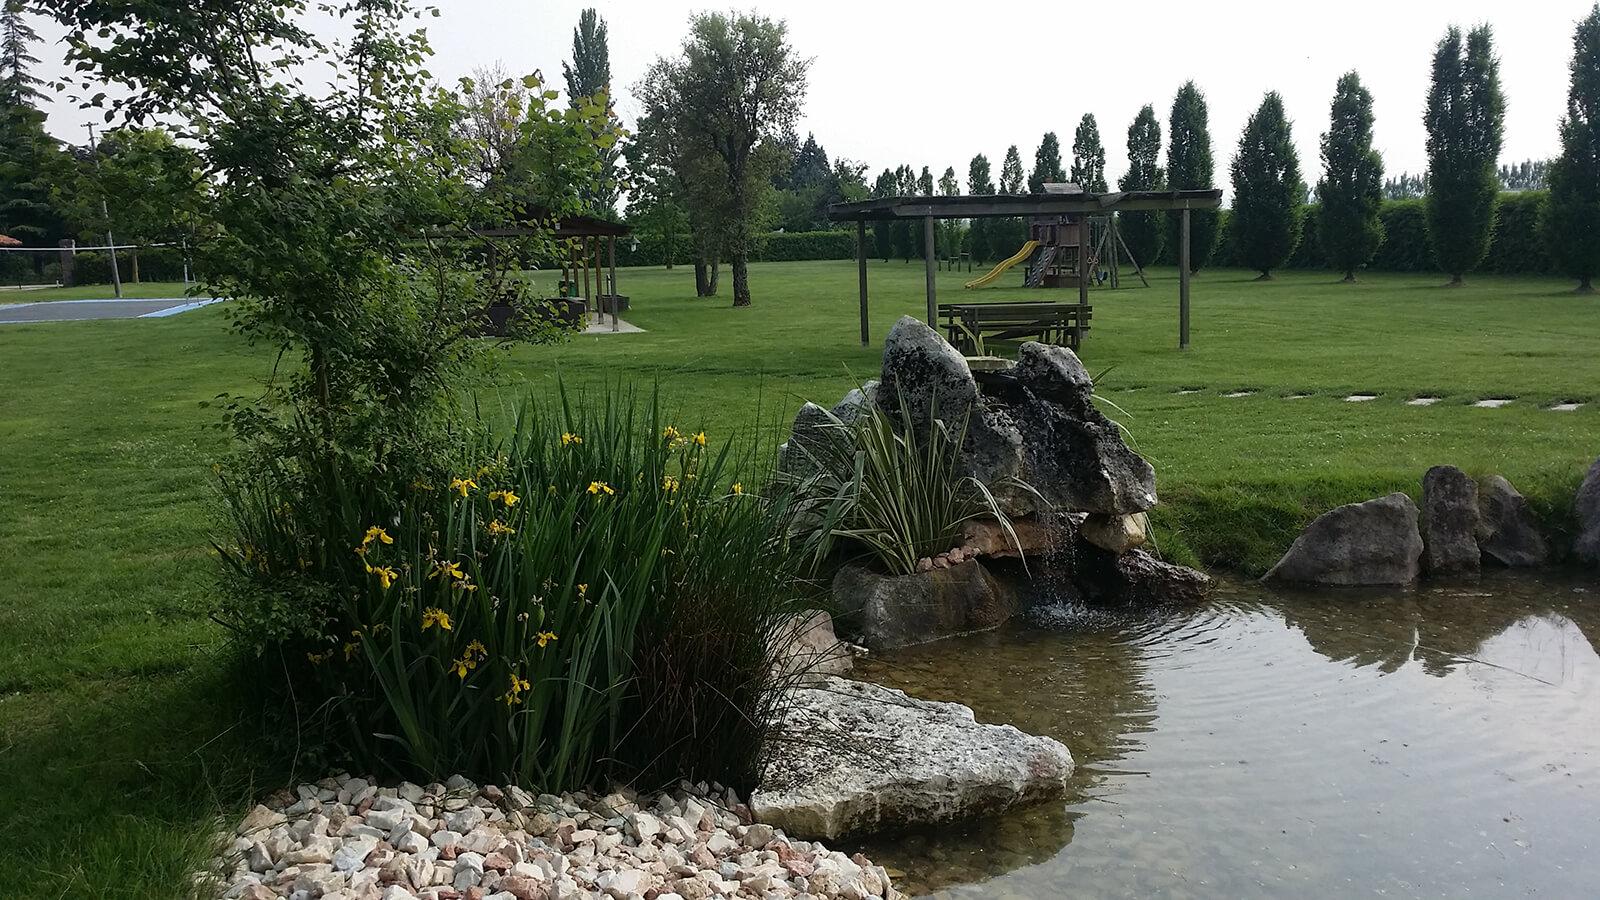 progettazione realizzazione giardini monticello conte otto - verde blu giardini 7